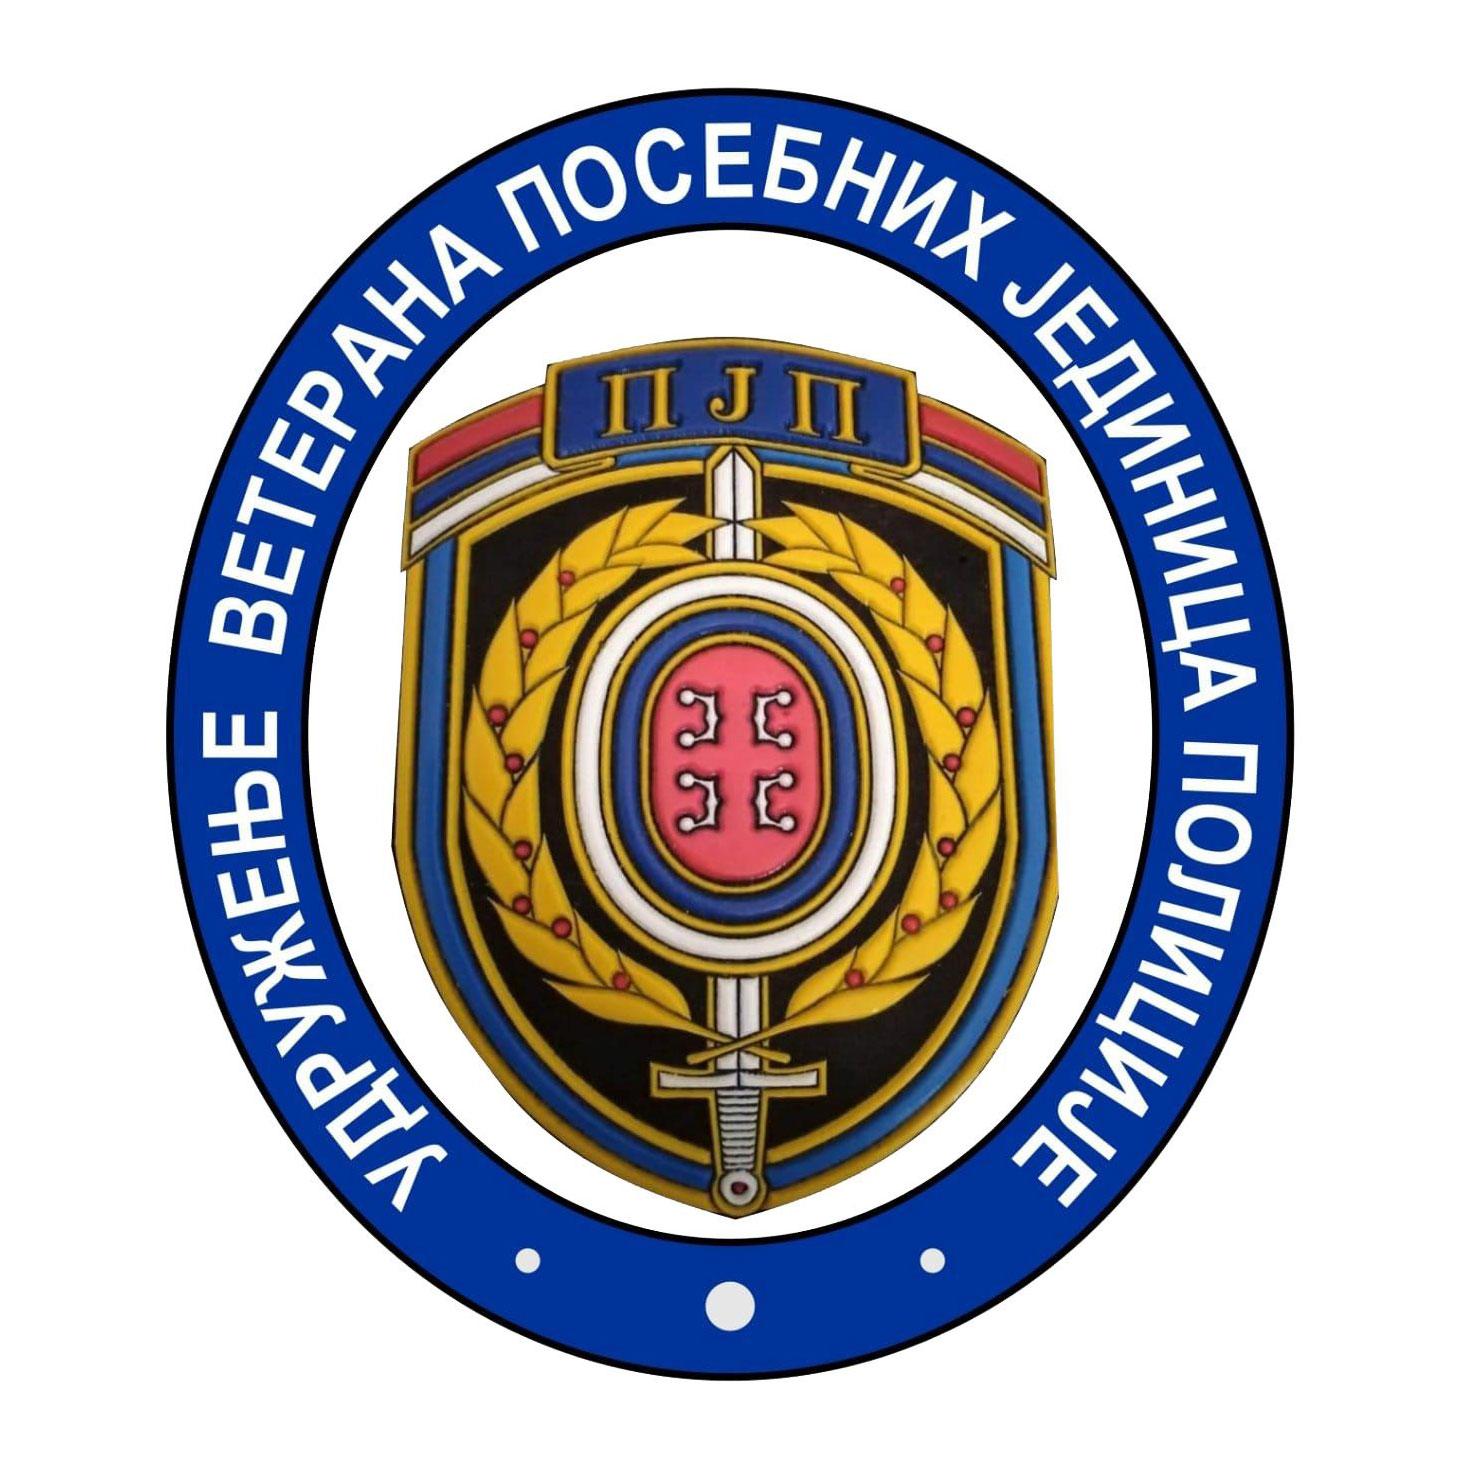 Veterani PJP